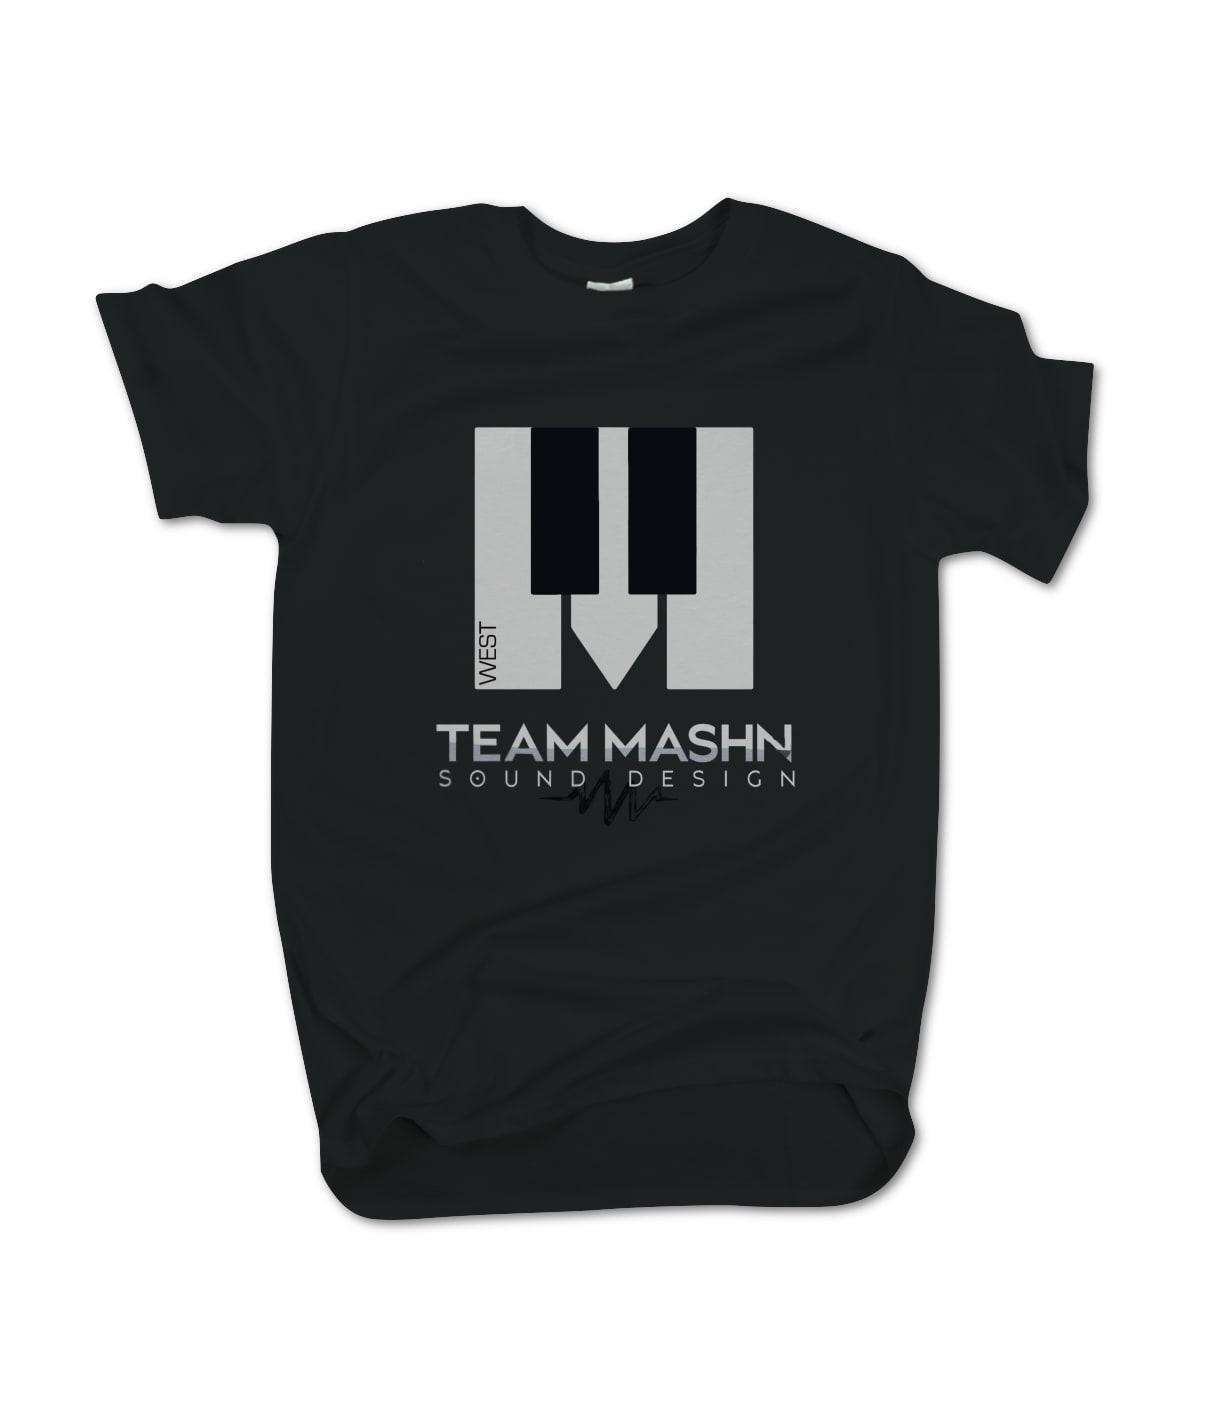 Tmsd team mashn sound design  west  1543802786